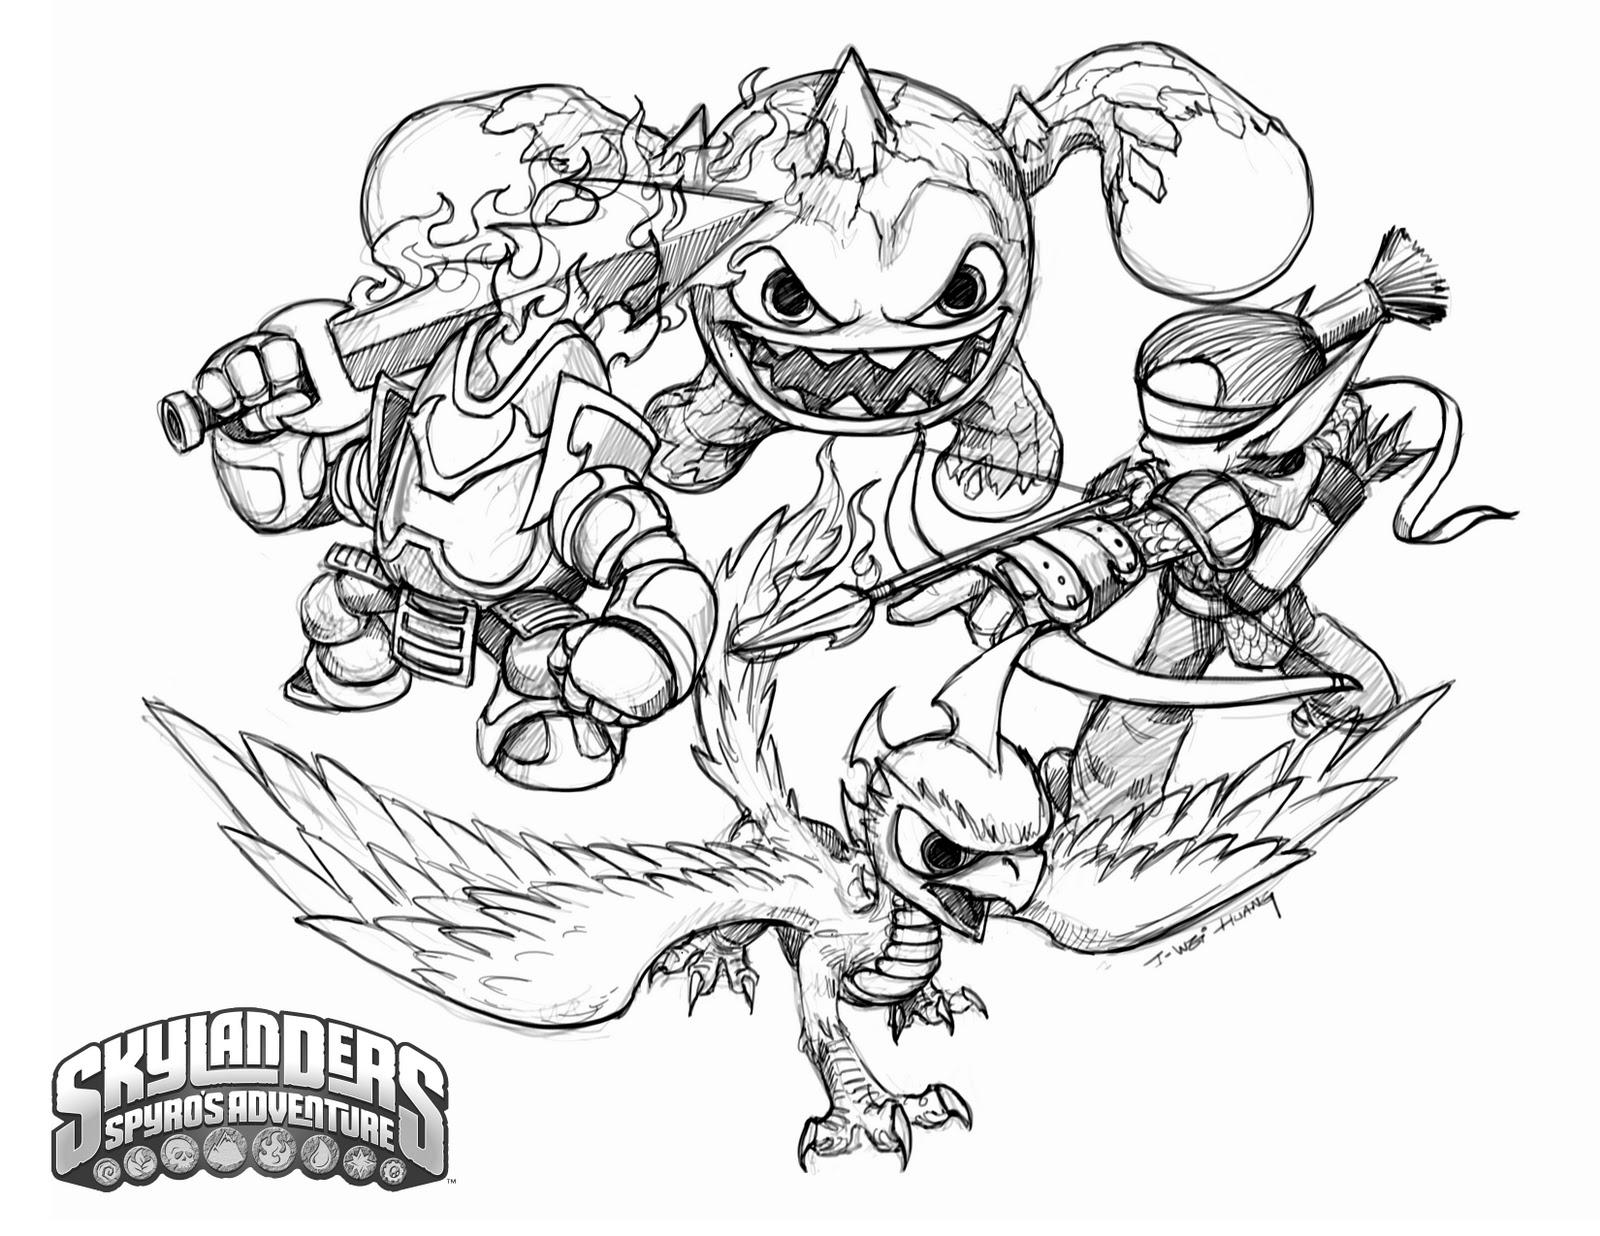 Coloriage Skylanders #13 (Dessins Animés) - Coloriages à imprimer